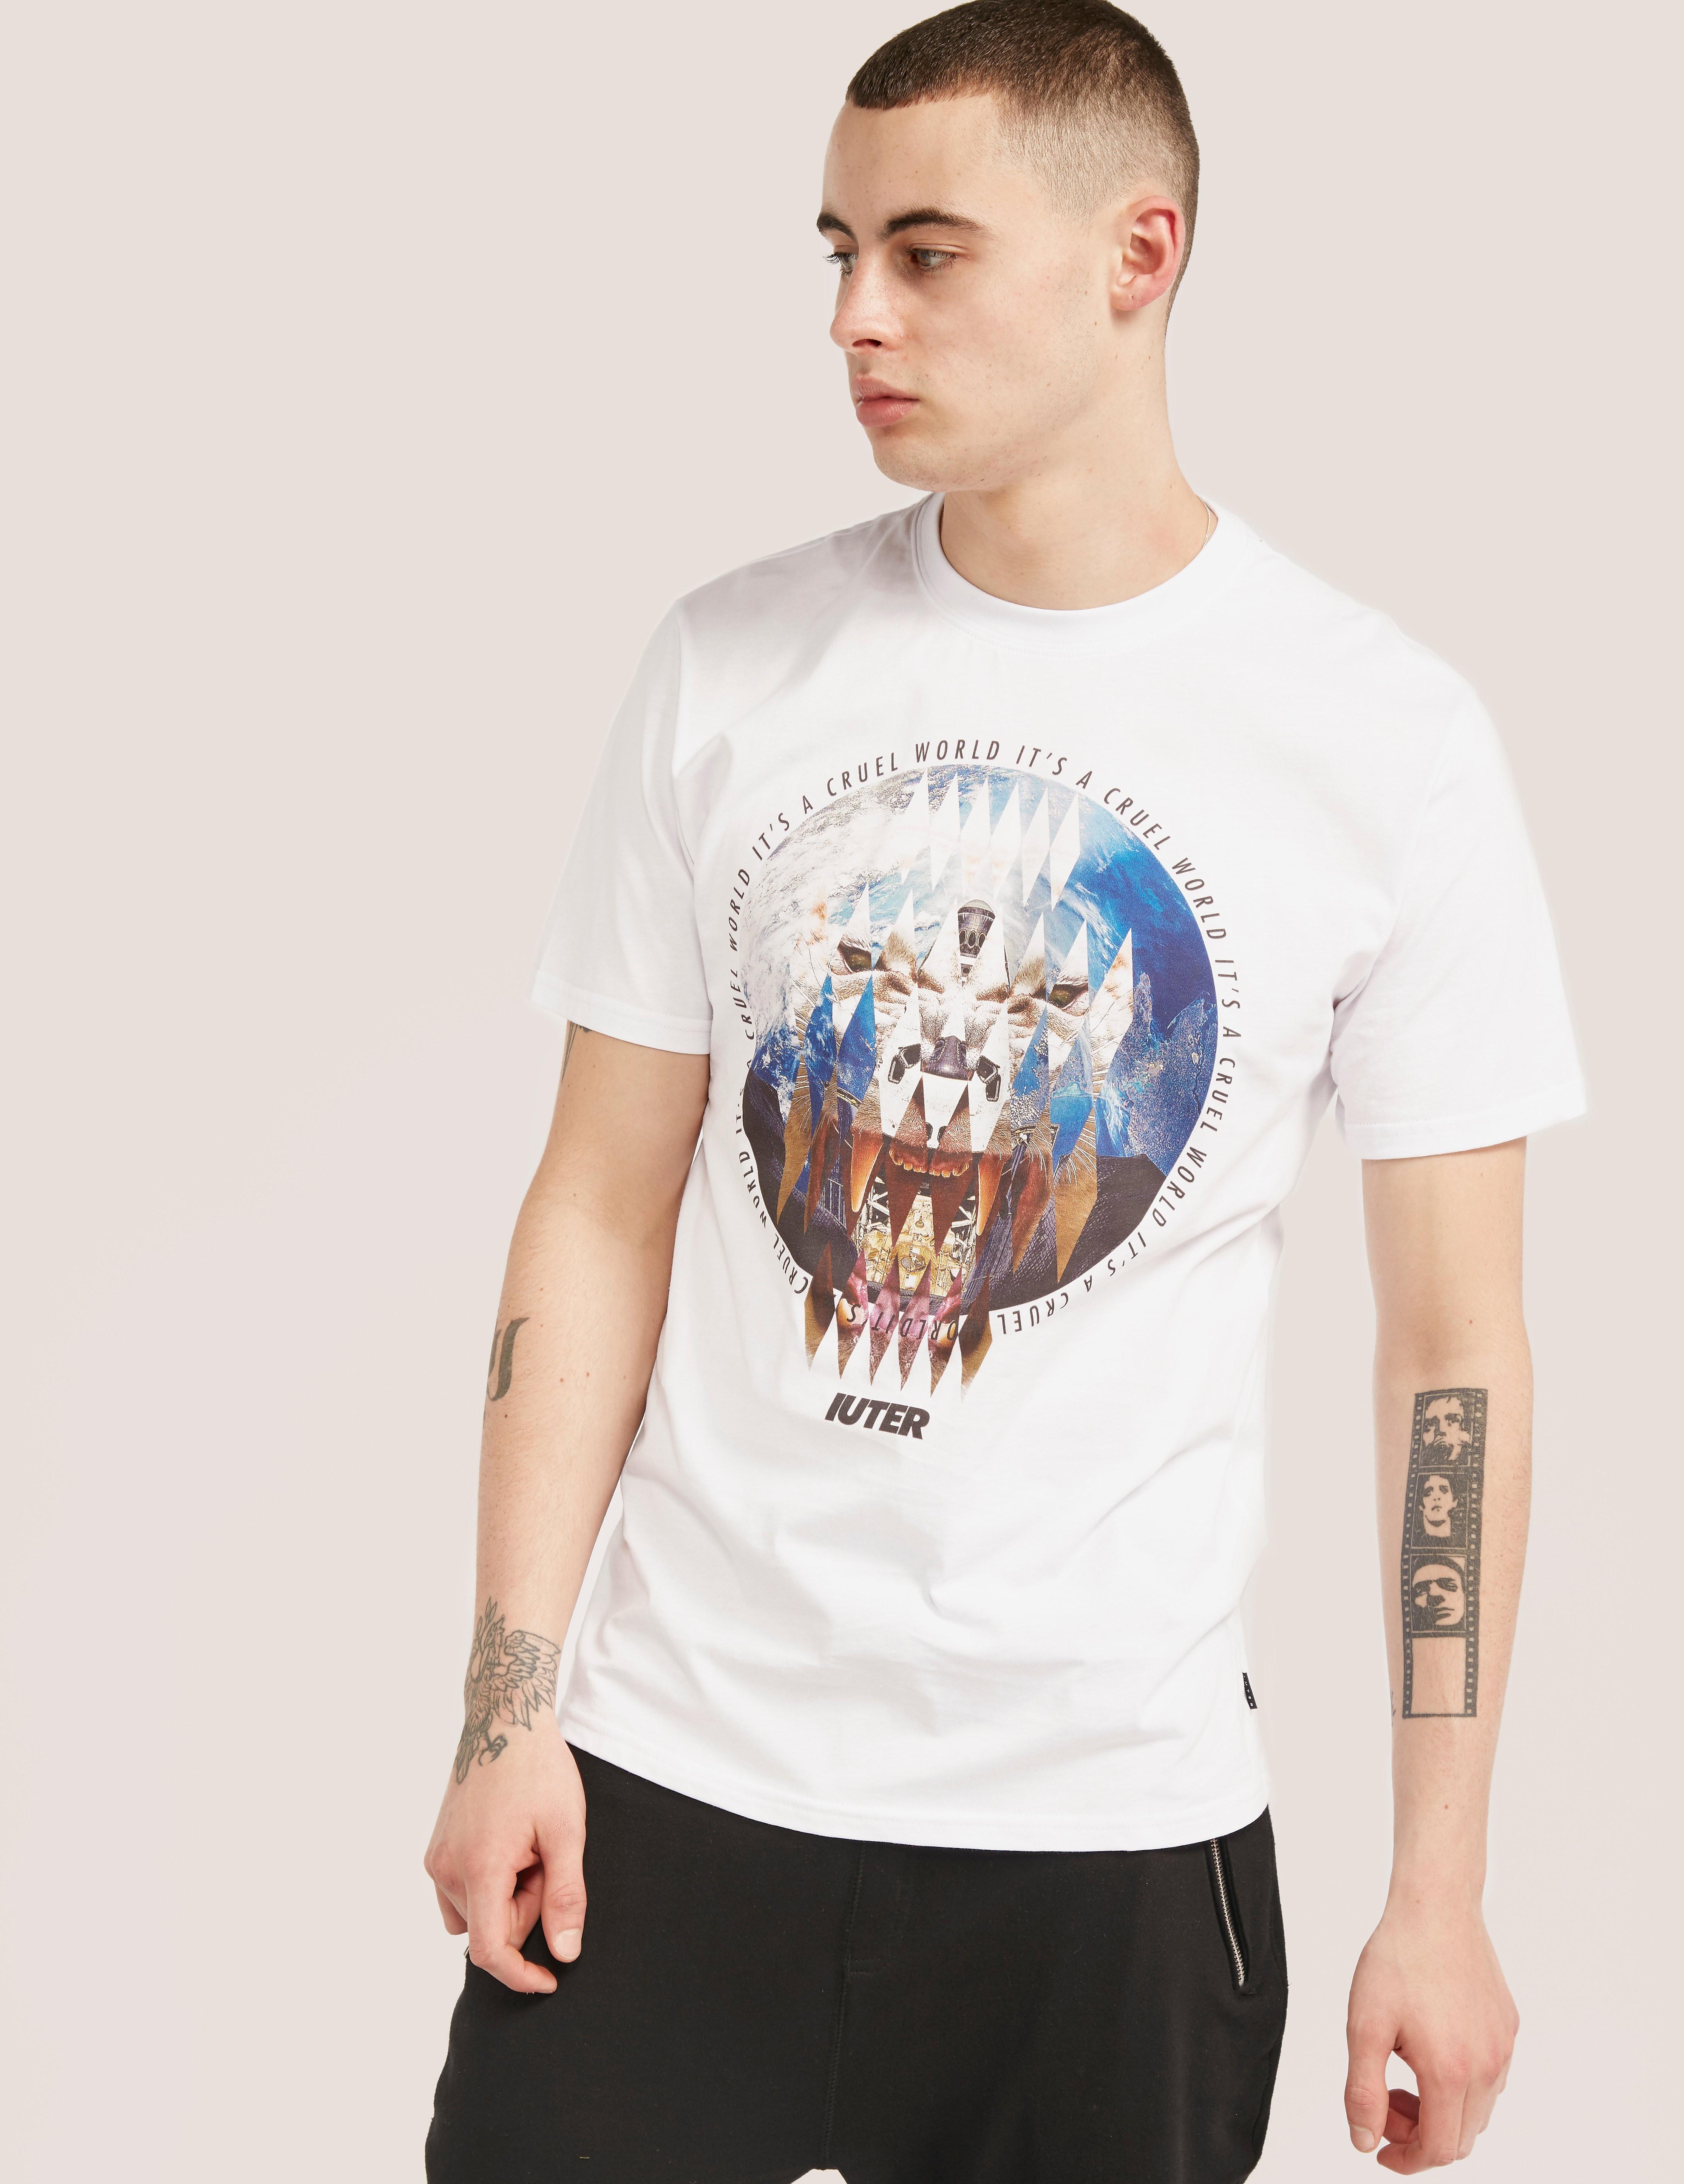 IUTER Cruel World T-Shirt